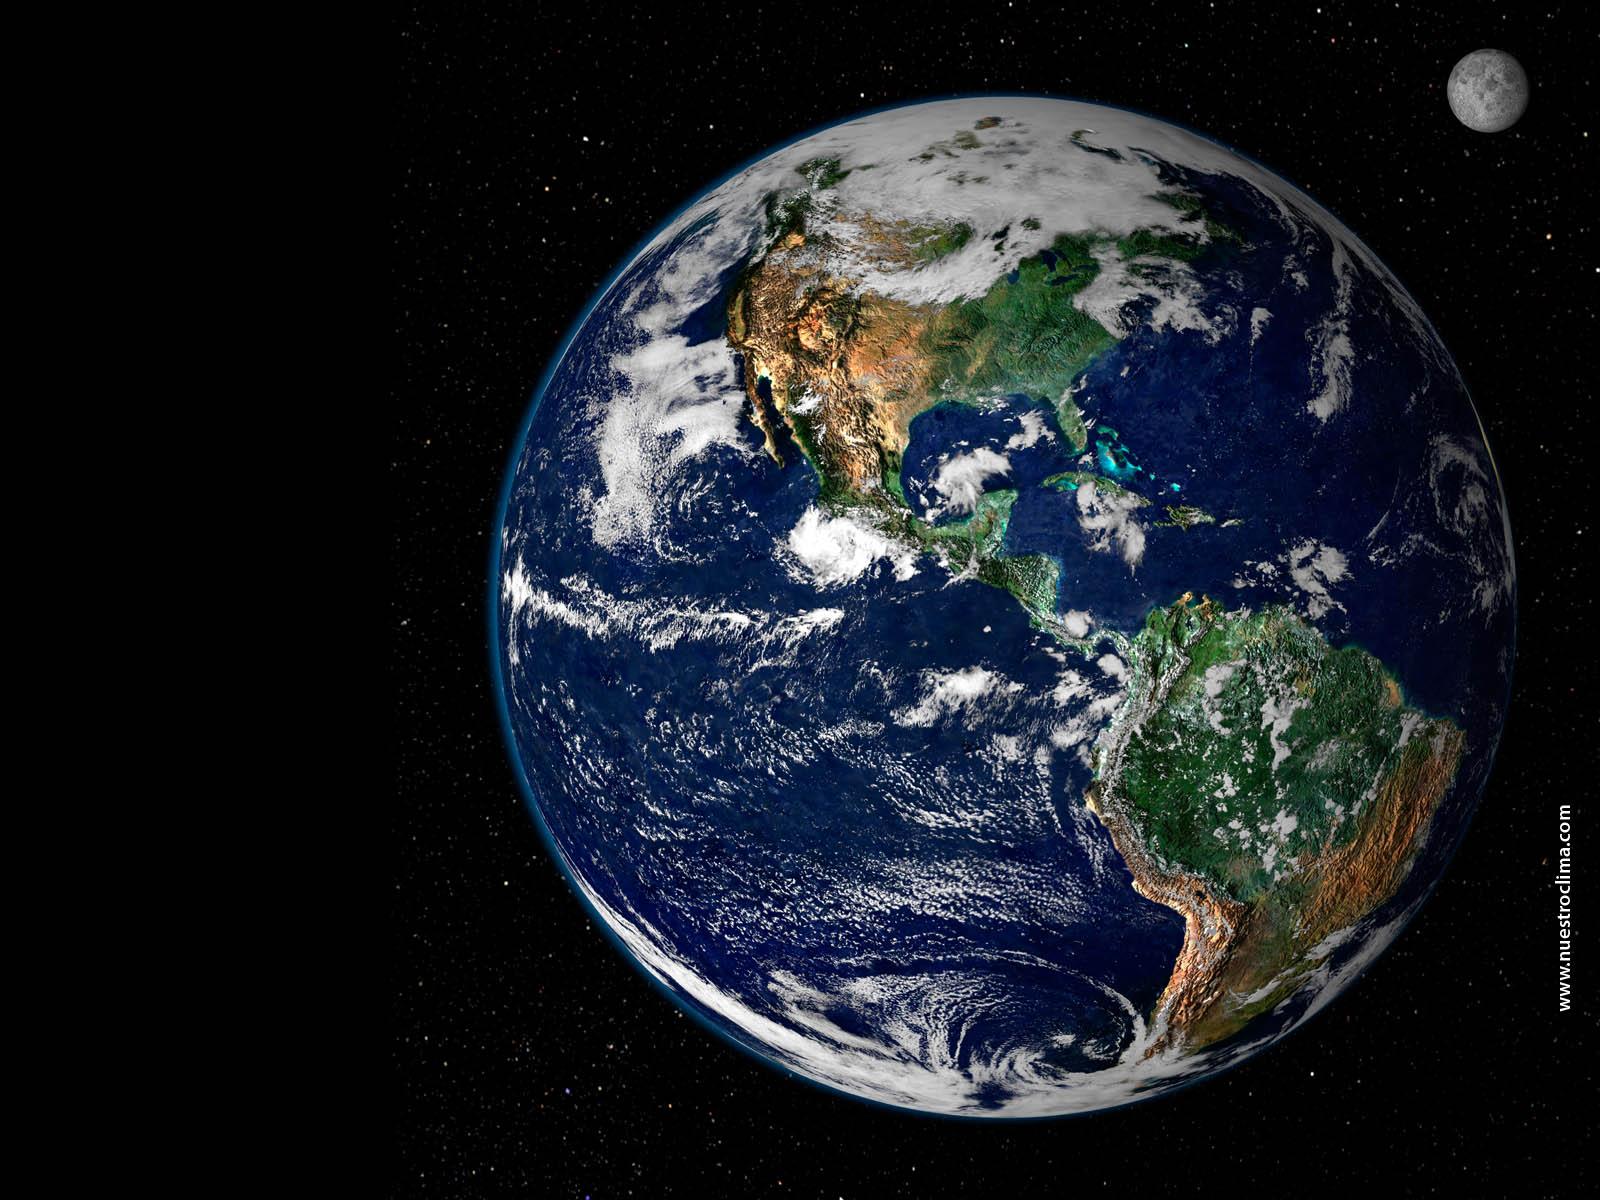 La Más Espectacular Imagen Satelital De La Tierra Nuestroclima